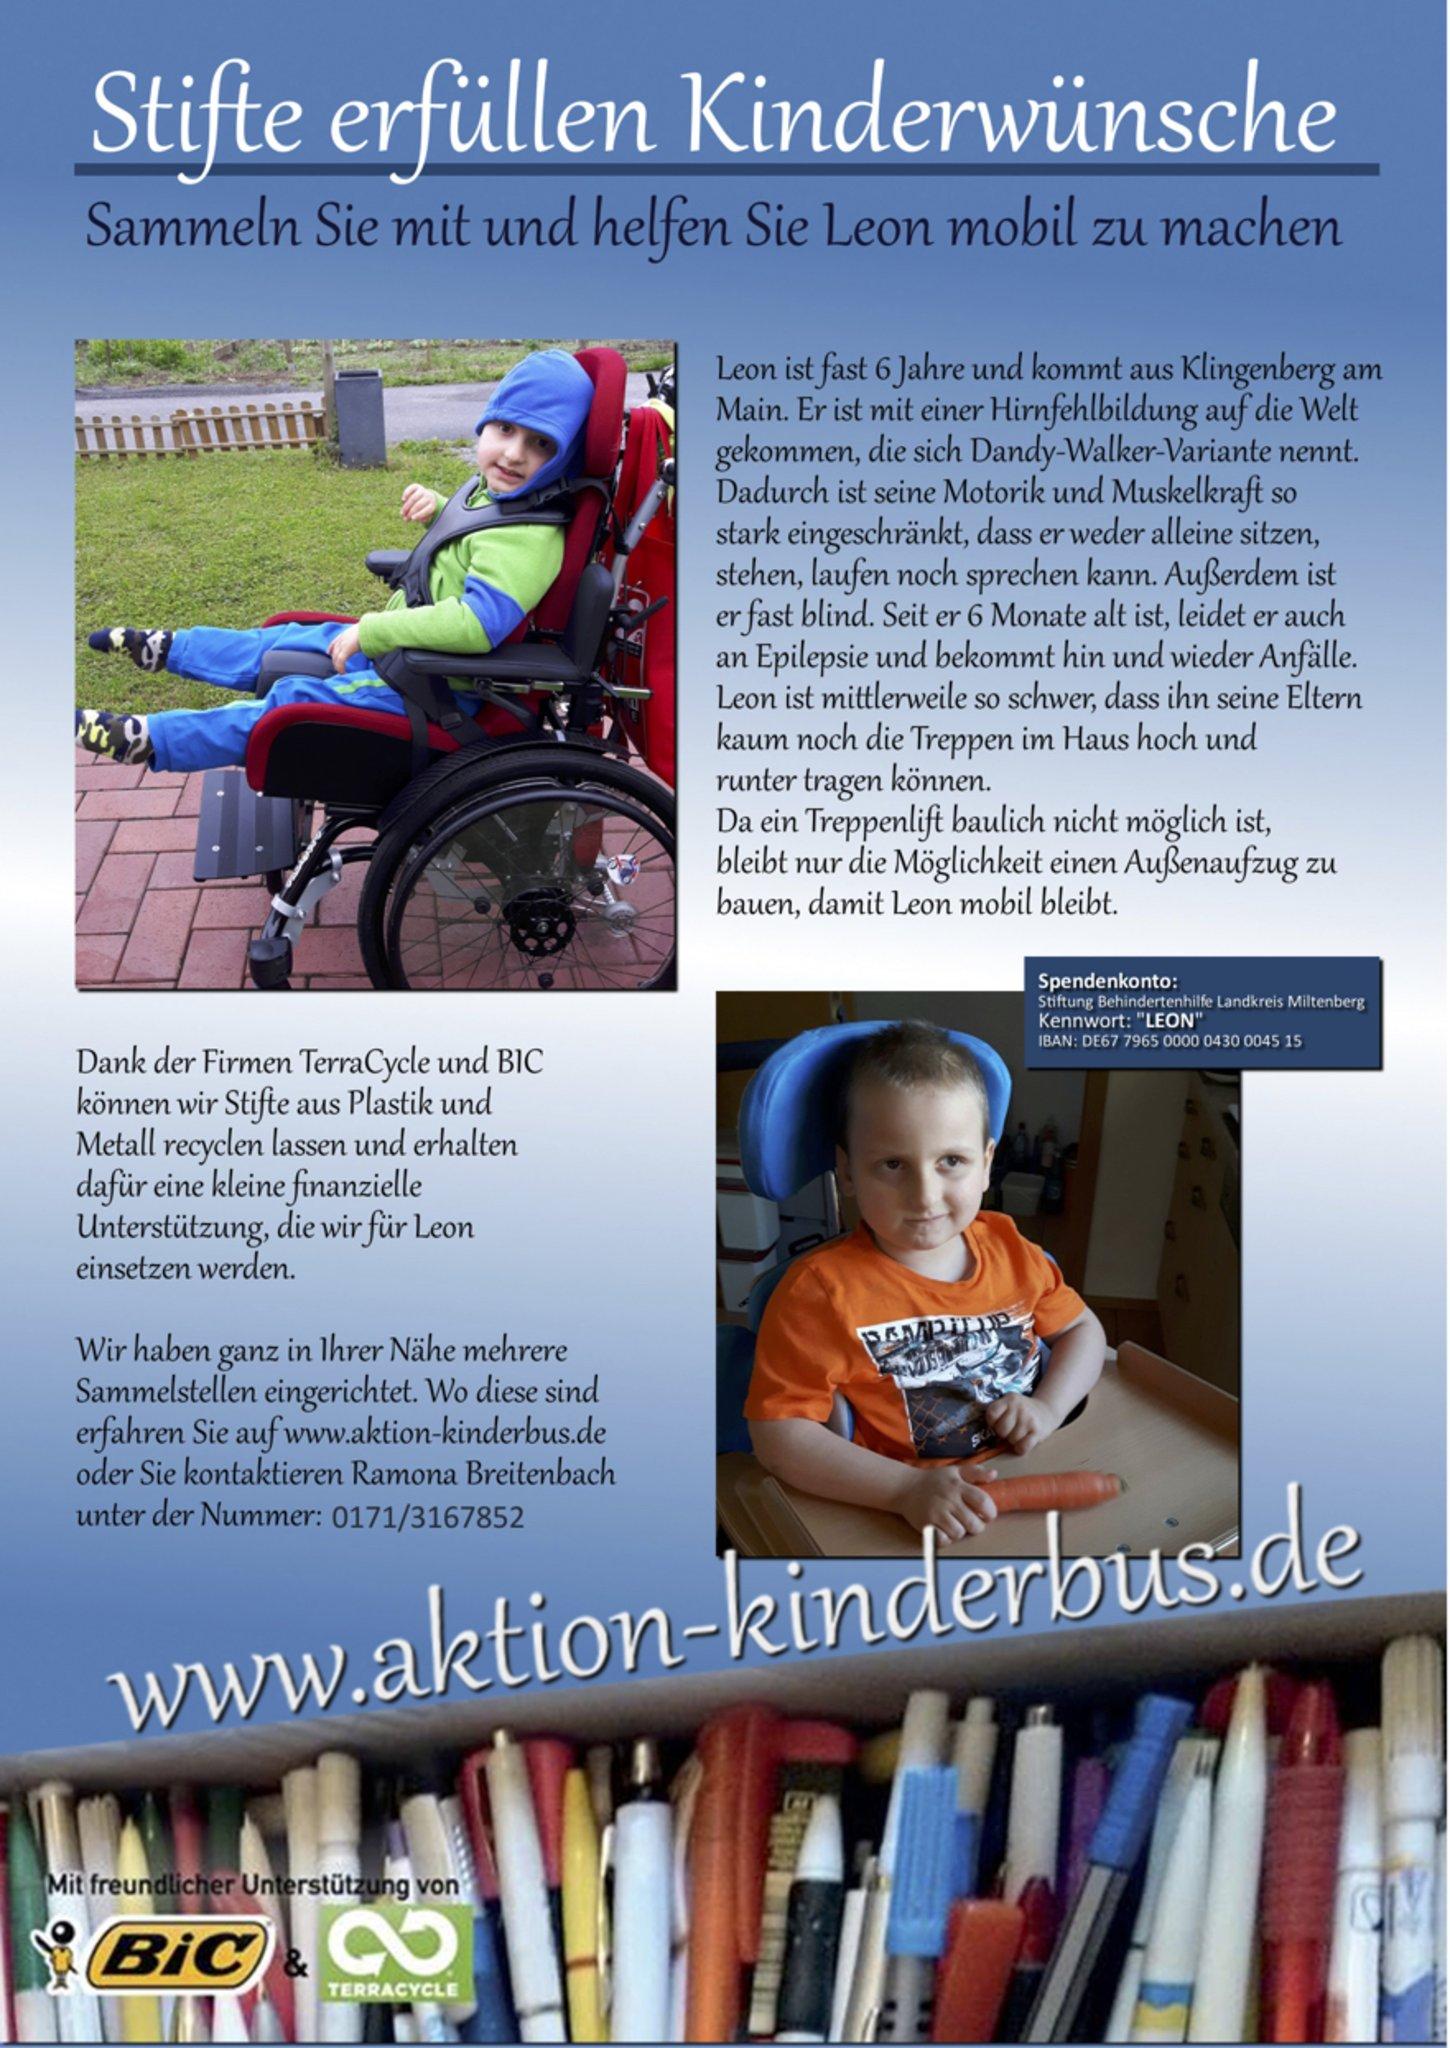 Aktion Kinderbus - Stifte erfüllen Kinderwünsche - Buchen (Odenwald)